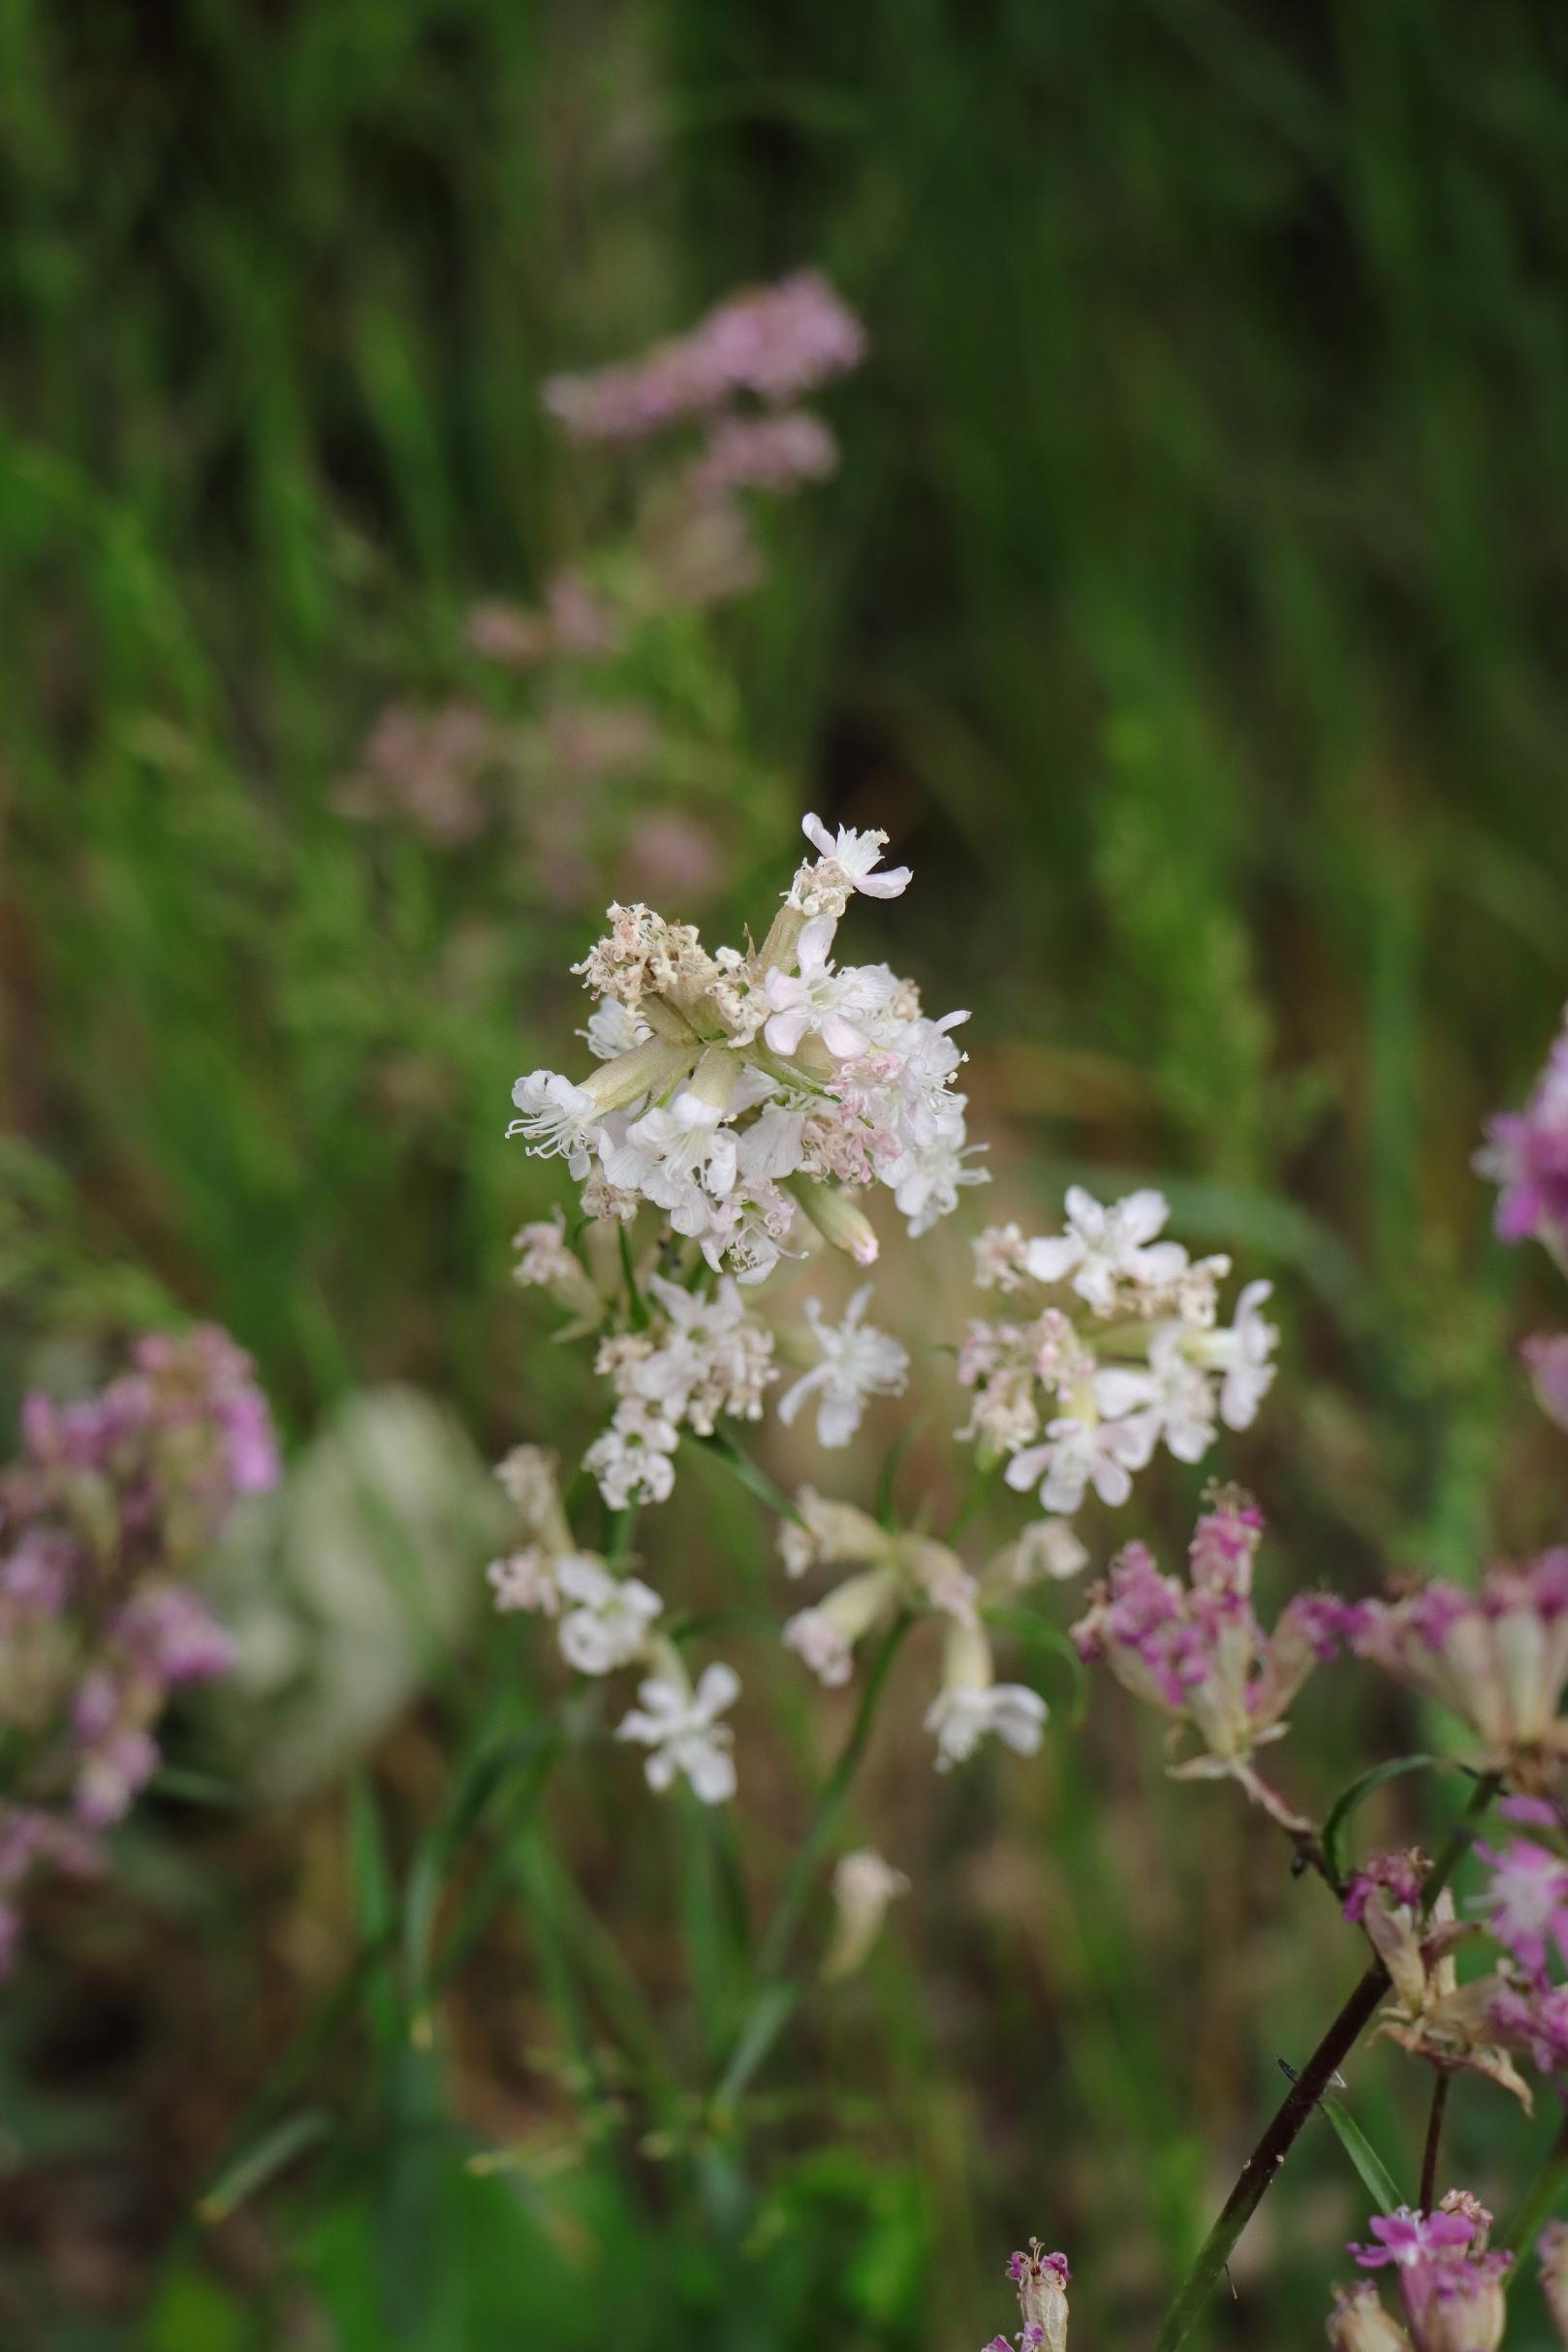 Pechnelke - Weiße Blüte